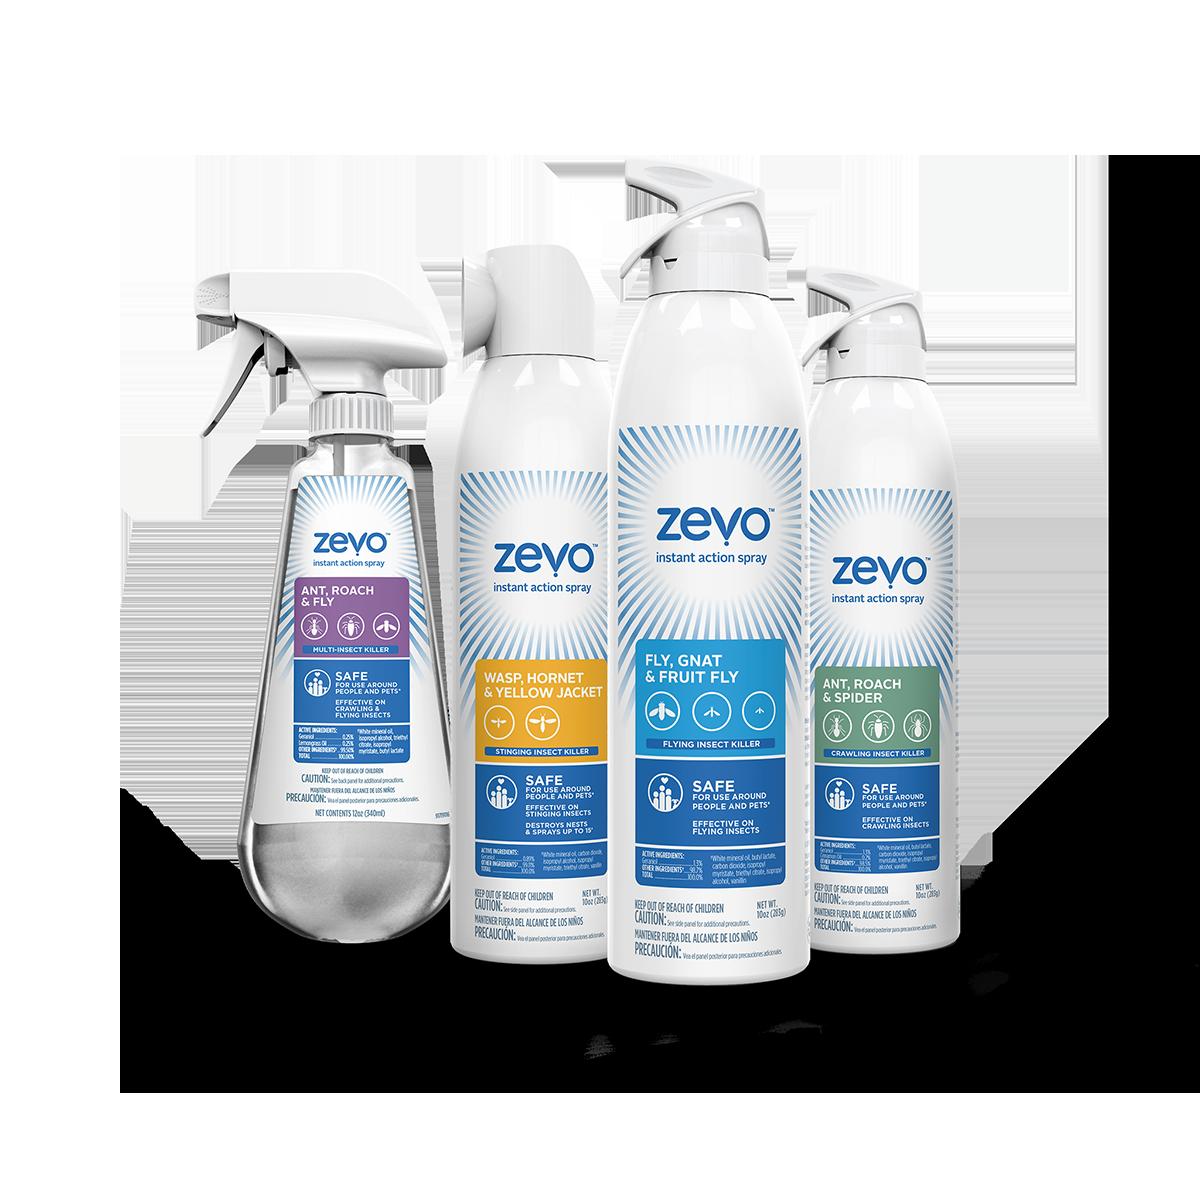 Do Zevo Bug Control Sprays Really Work Zevo Insect